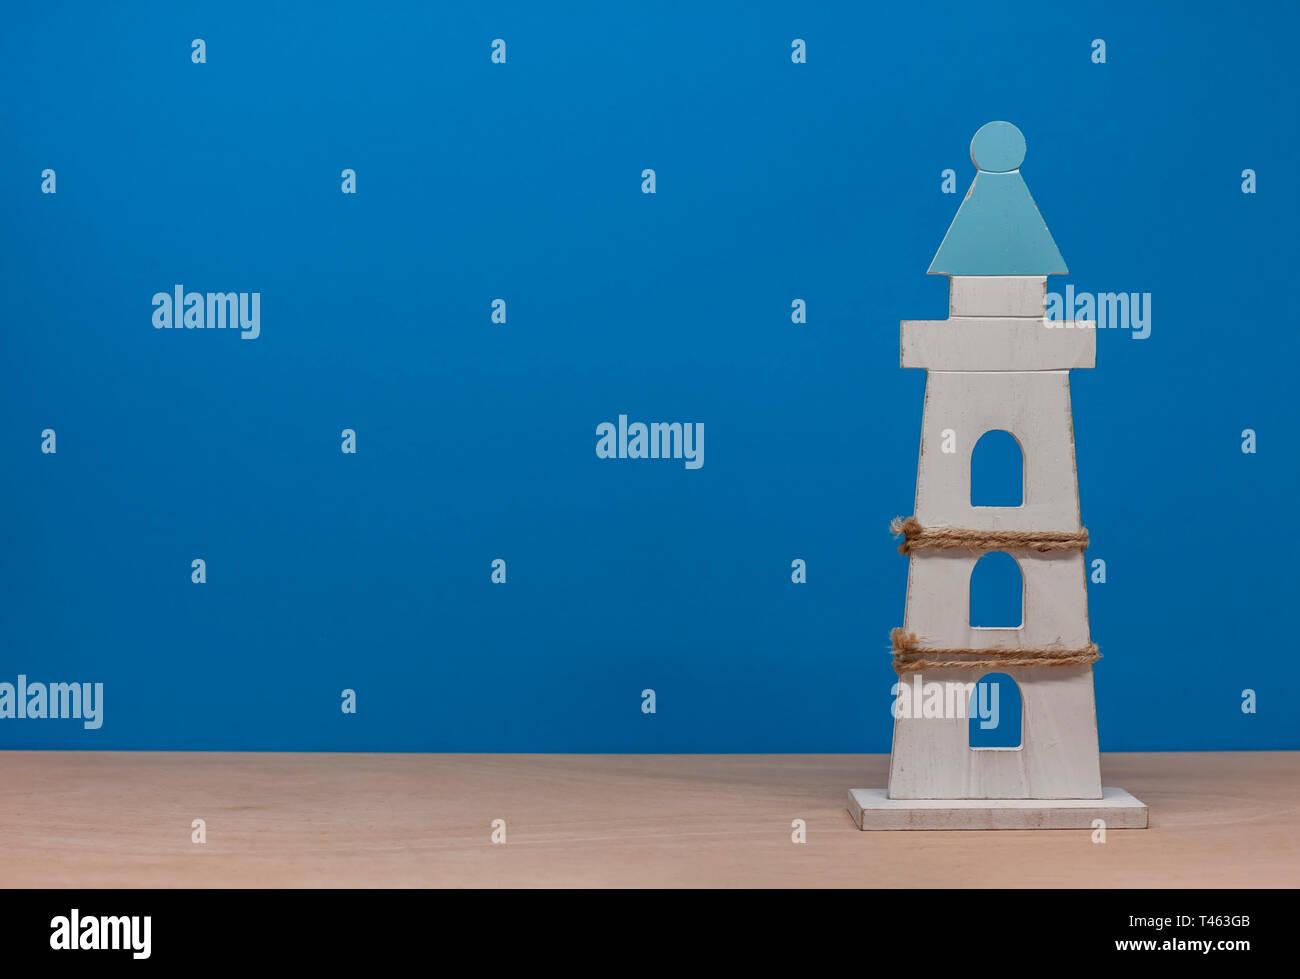 Juguete faro sobre fondo azul con copyspace Imagen De Stock